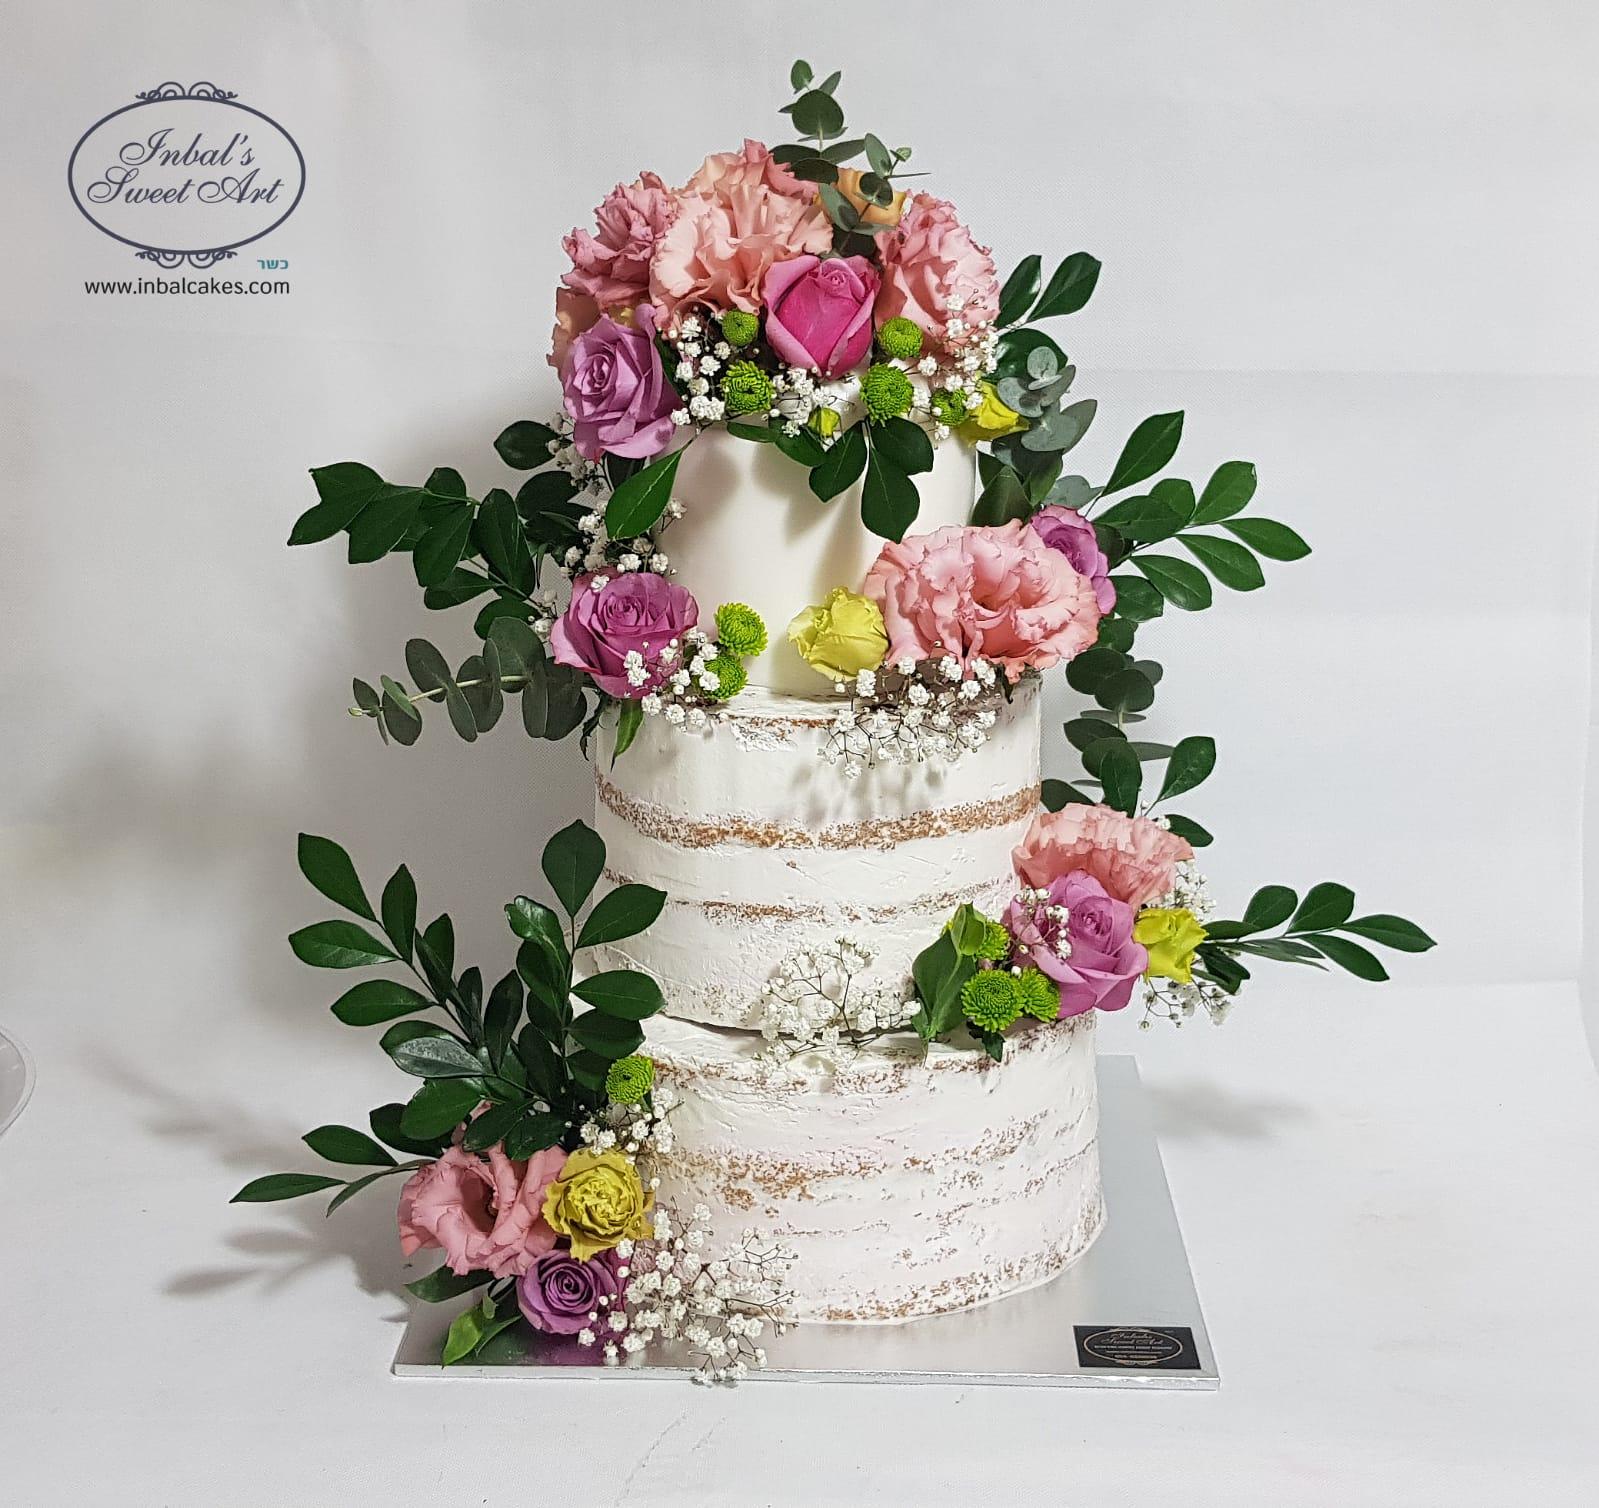 עוגת חתונה אחת - אלפי עיצובים לבחור מהם